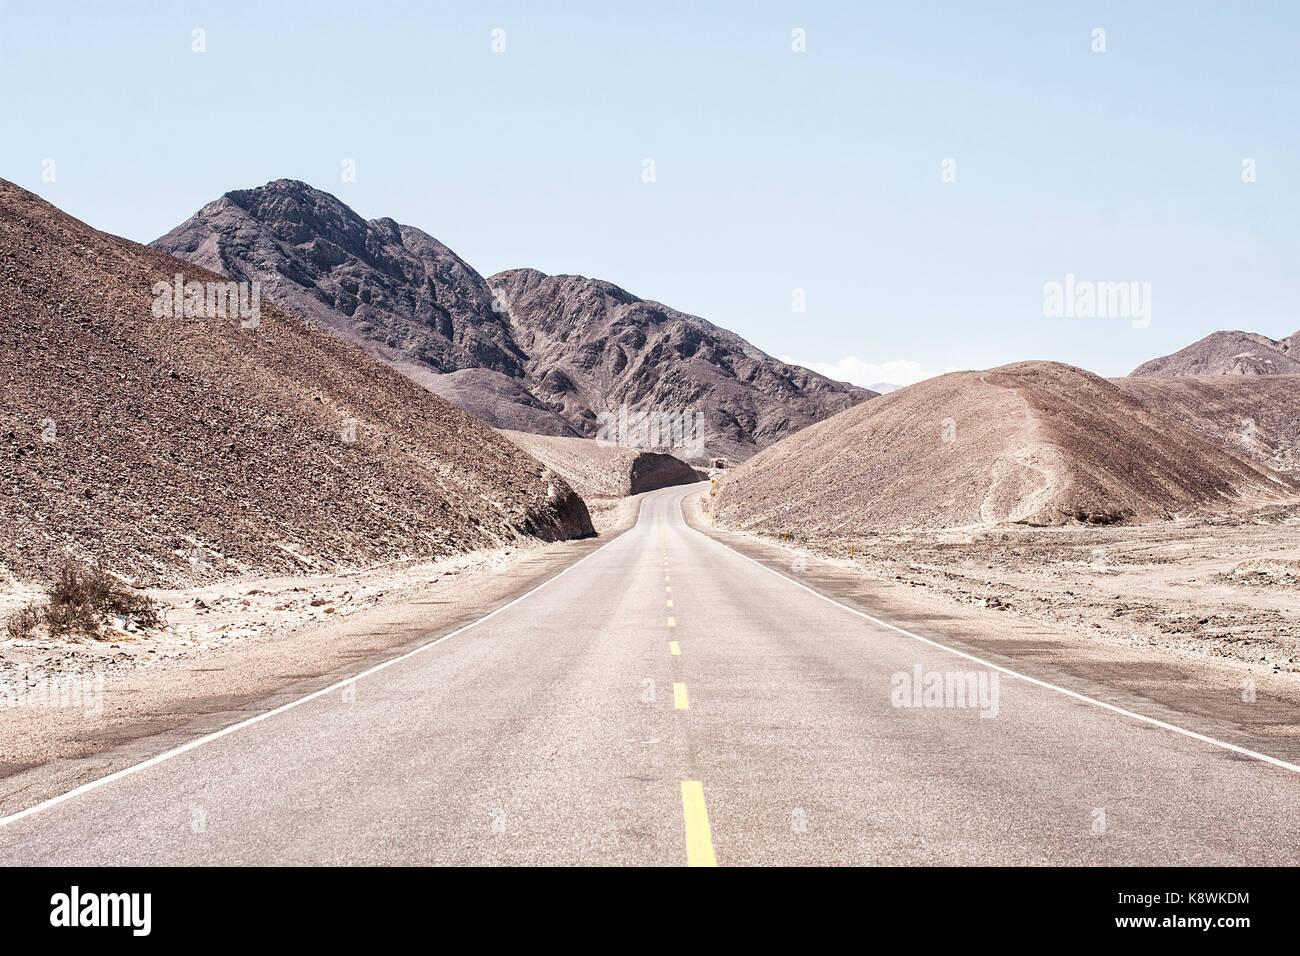 Panamerican Highway (Carretera Panamericana Sur). Palpa, Department of Ica, Peru. - Stock Image